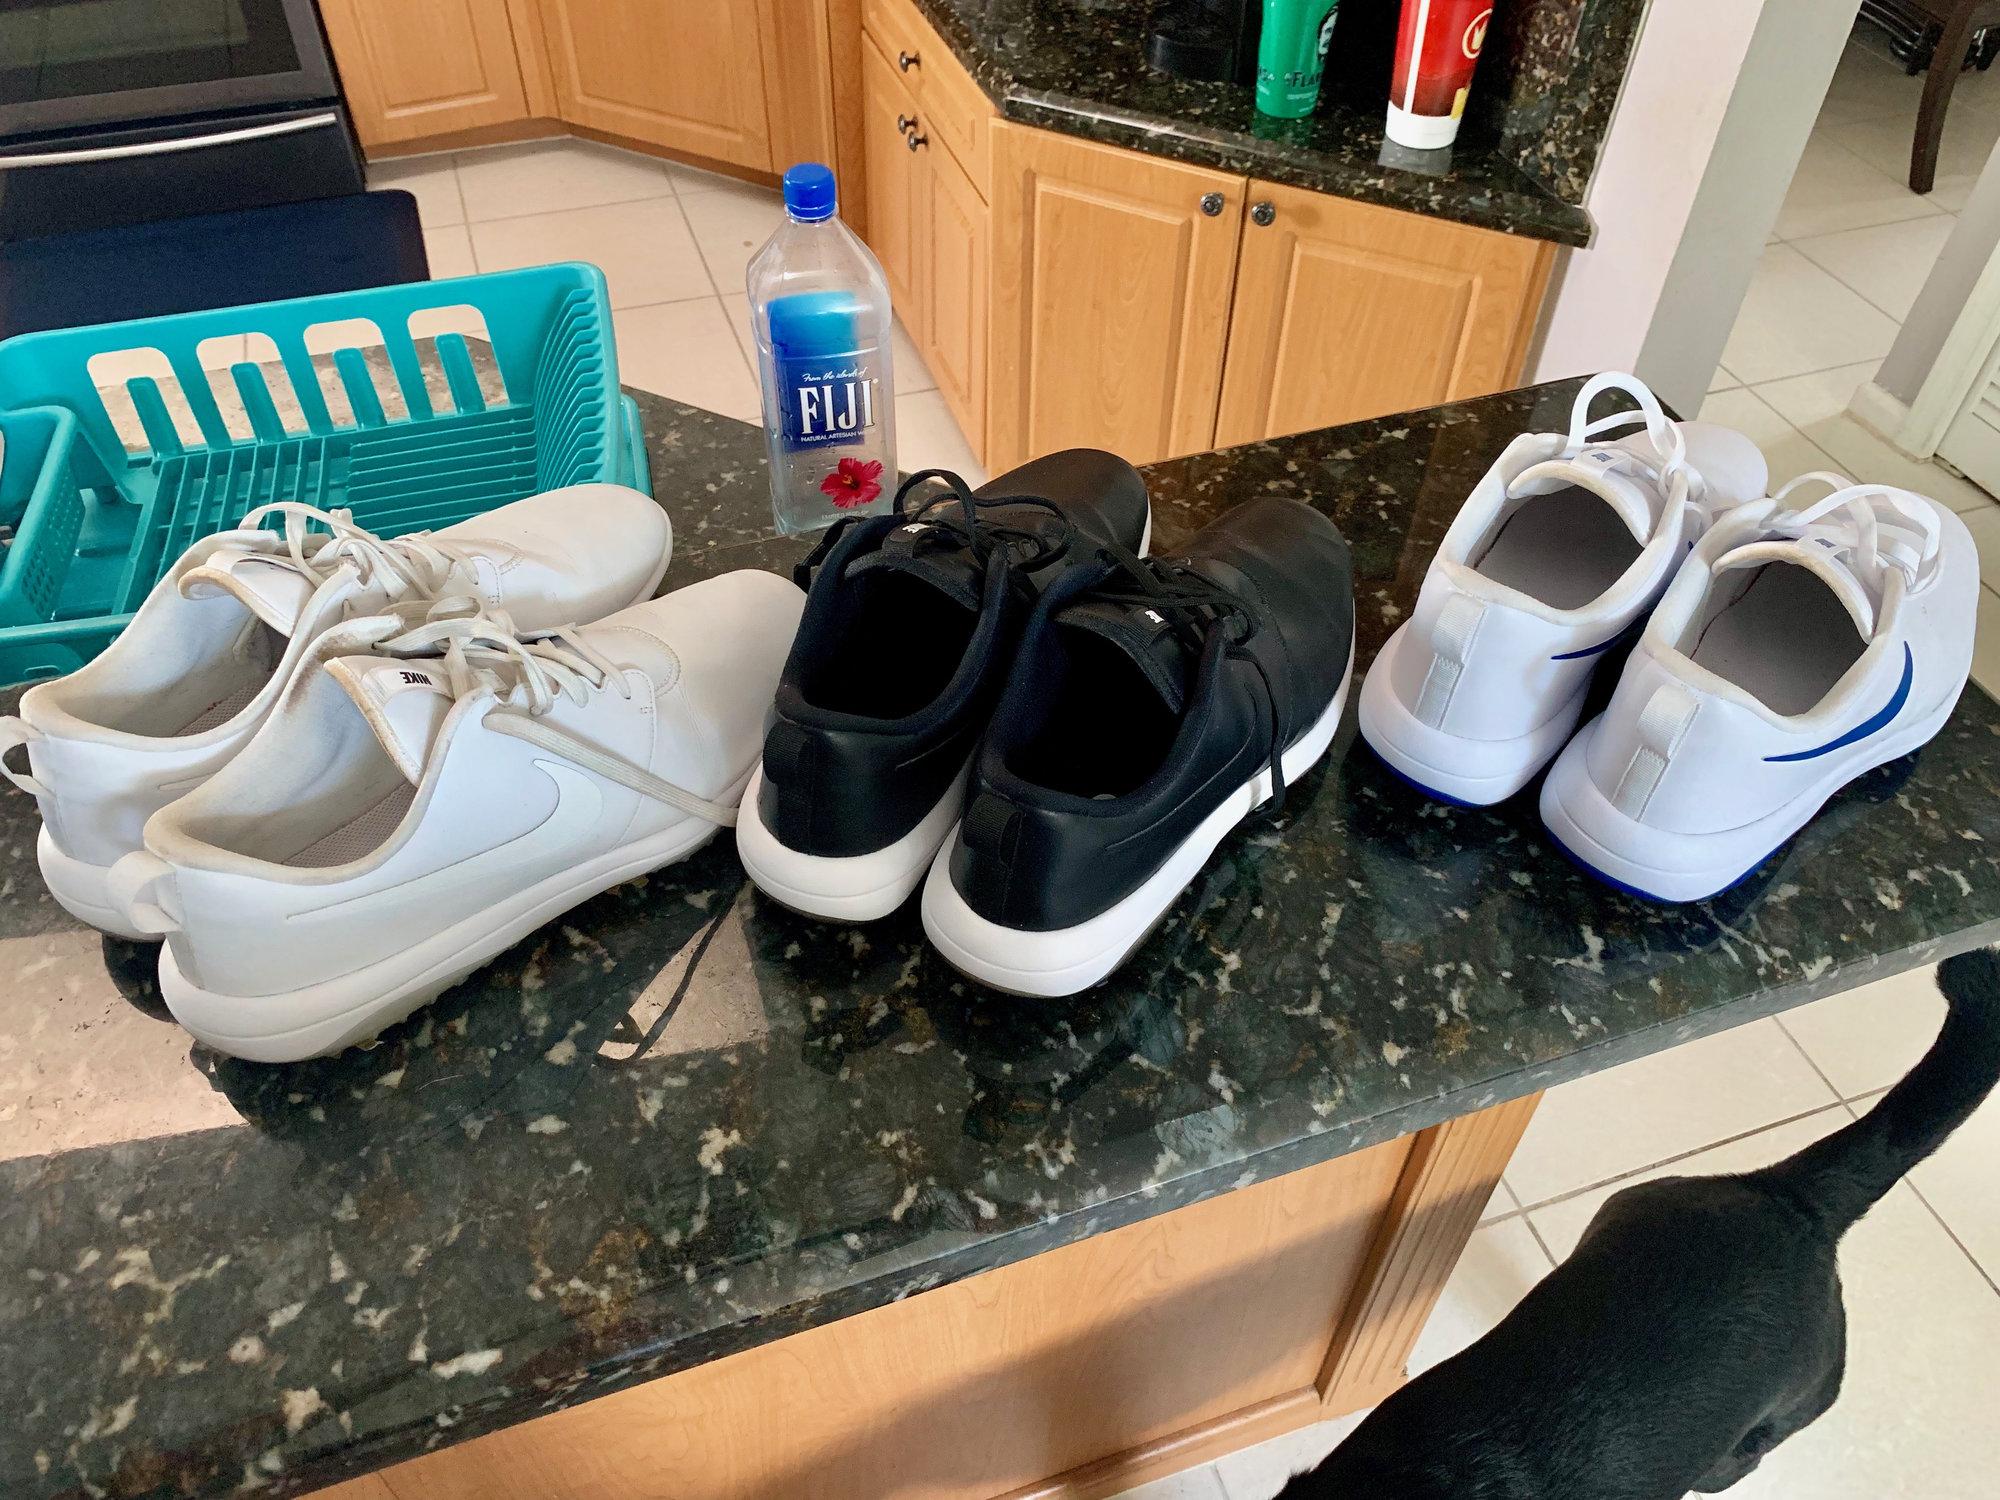 6c0af4d7bdc 3 pair of Nike Roshe G Tour (size 13 wide) — GolfWRX